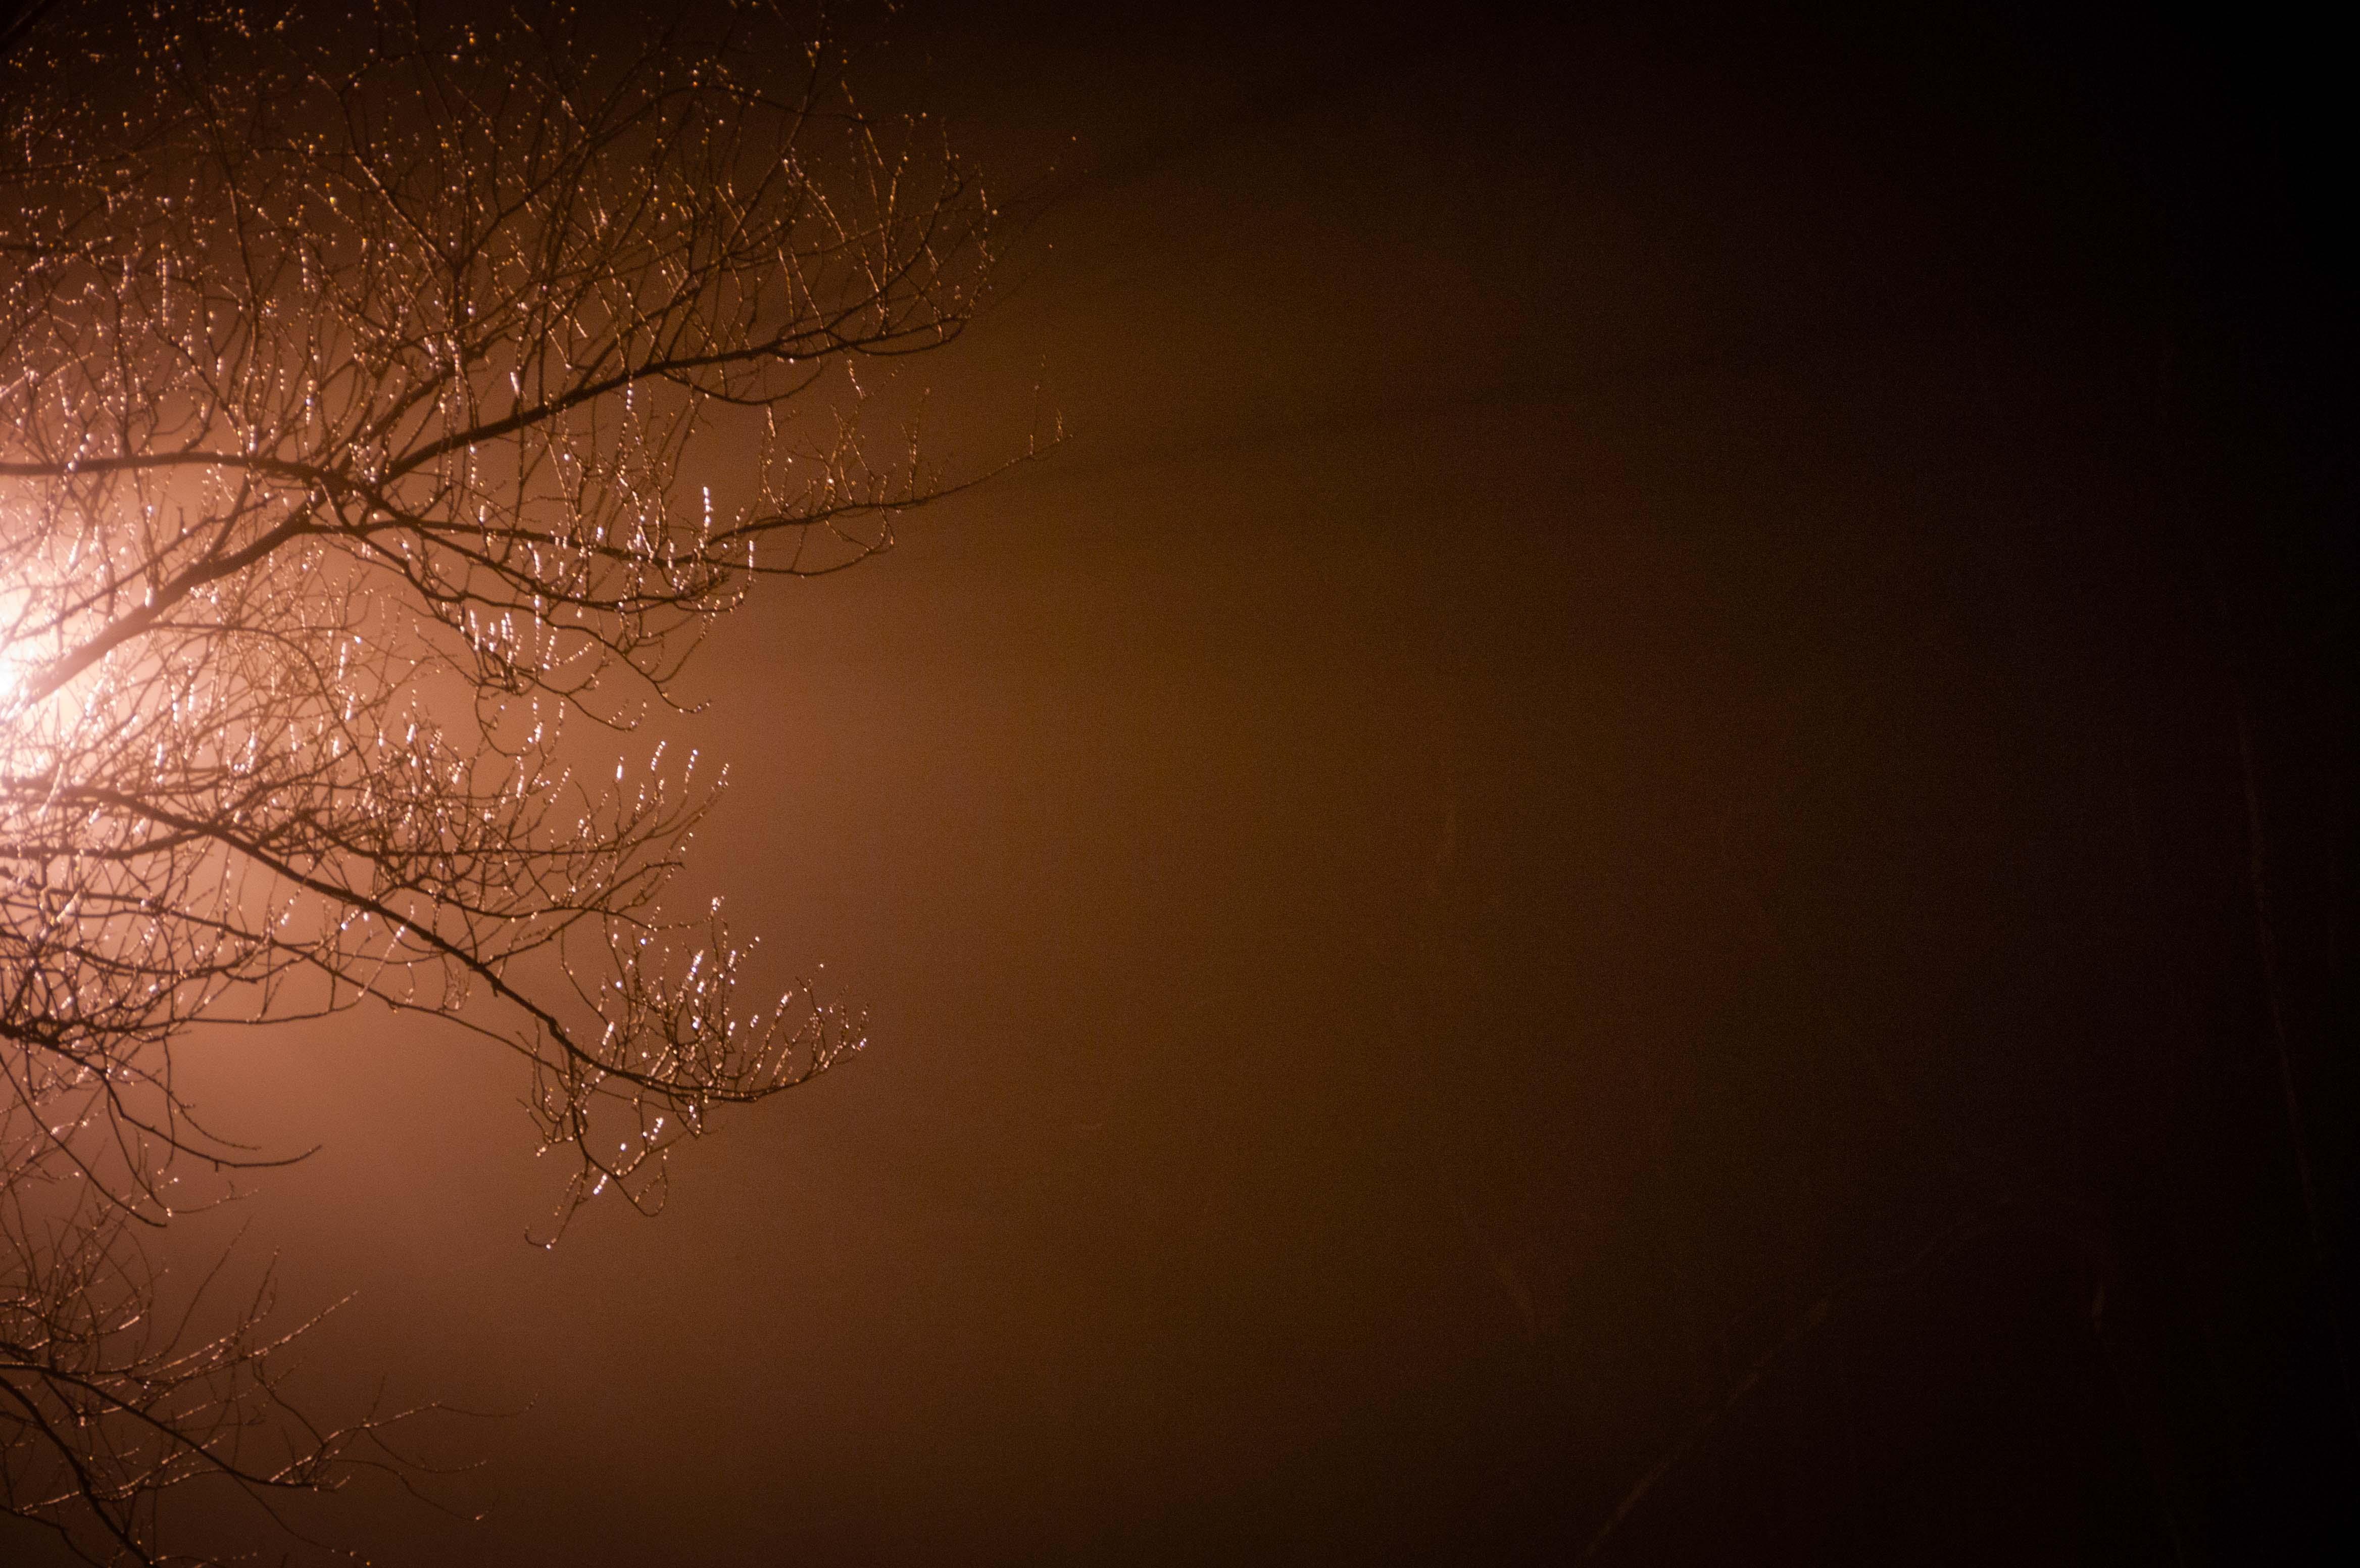 2017-02-15 myPhotos_002